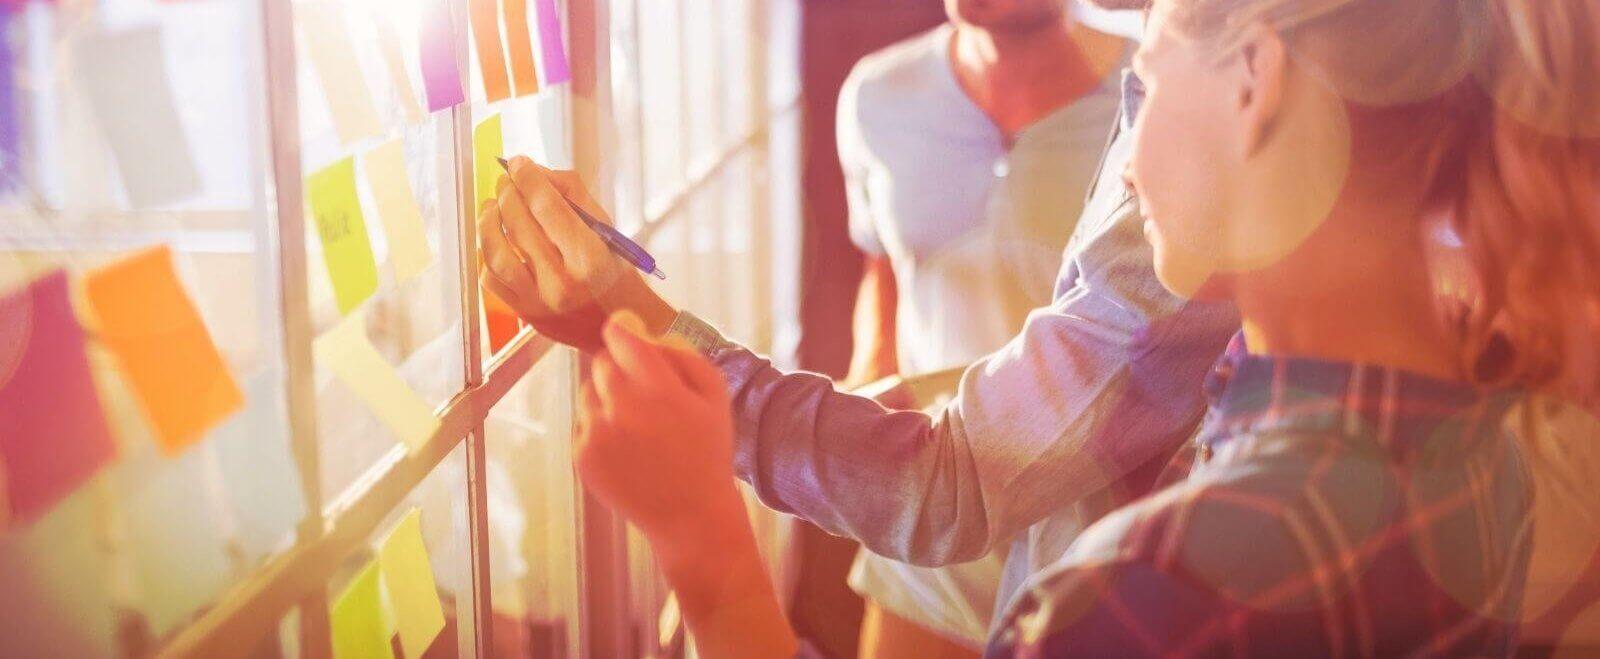 Marketing für Start-ups: Personas